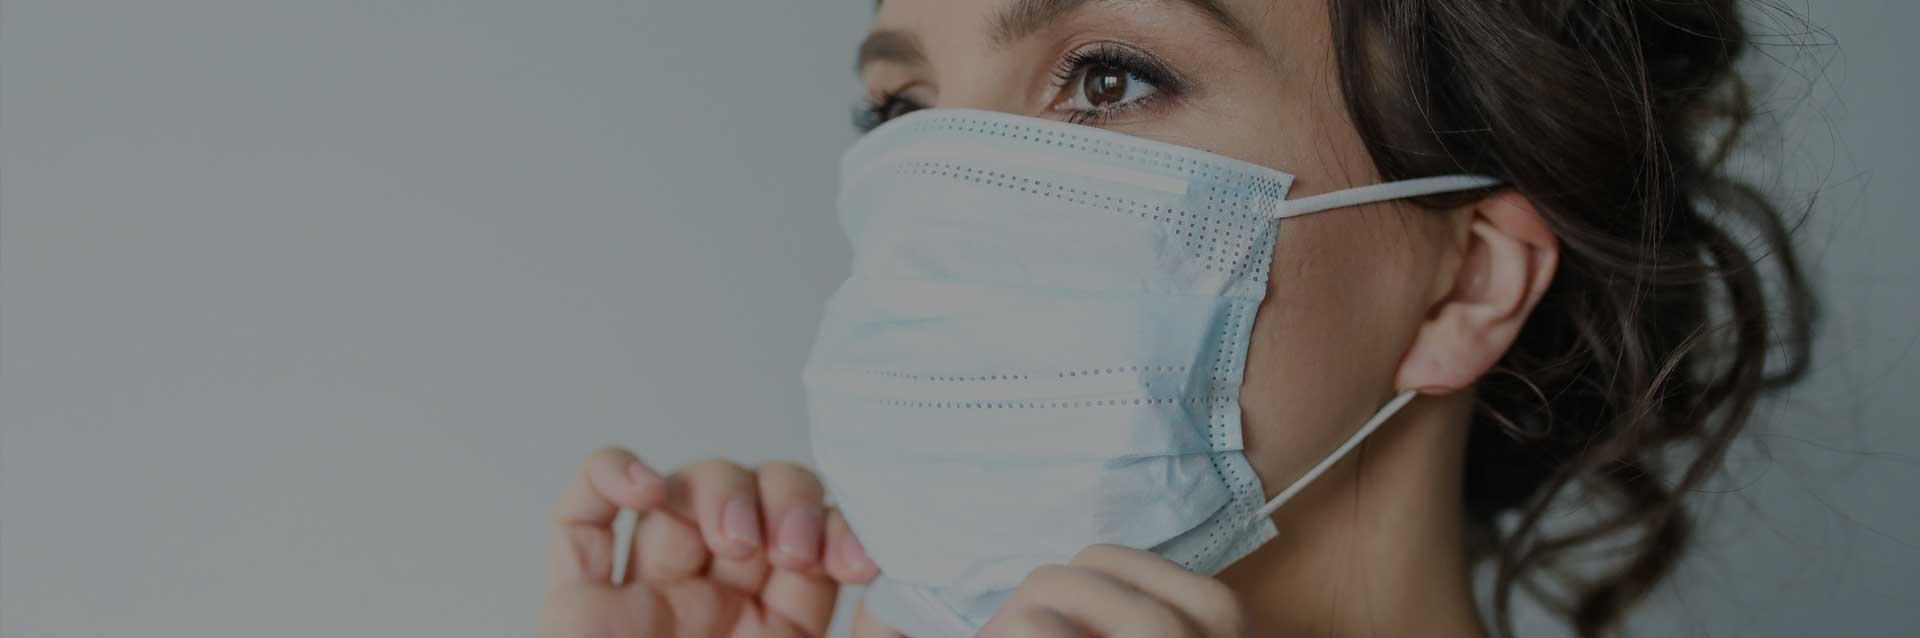 Čistící a dezinfekční přípravky